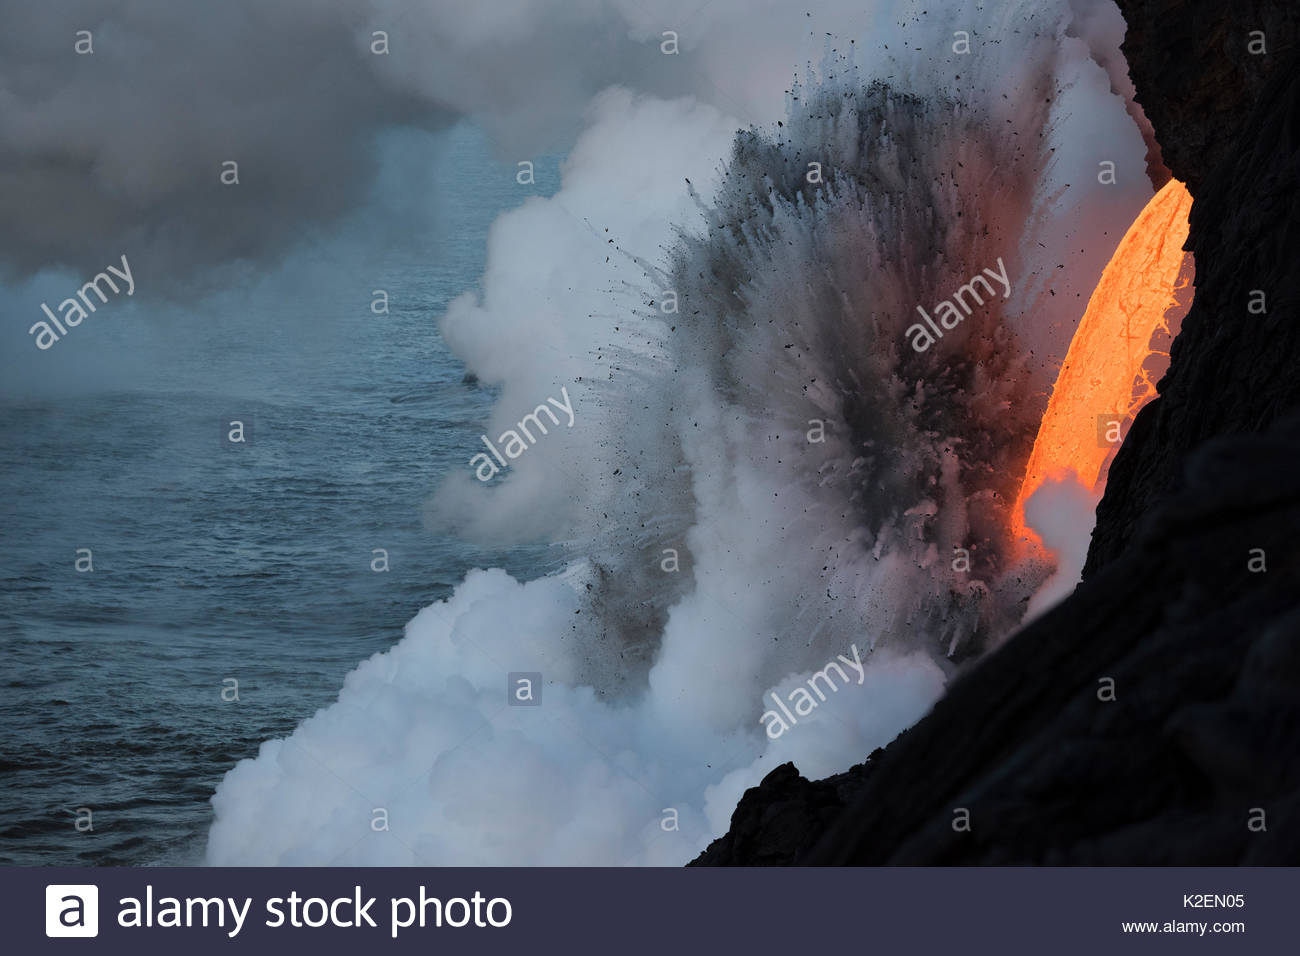 Lava Caliente desde la 61G fluya desde el volcán Kilauea entrando en el océano desde el extremo abierto del tubo de lava en el Kamokuna entrada en el Parque Nacional de Los Volcanes de Hawaii, produciendo una gran nube de vapor y violentas explosiones que arrojan piedras pómez caliente hacia lo alto del aire, Kalapana, Puna, Hawai. De enero de 2017. Imagen De Stock